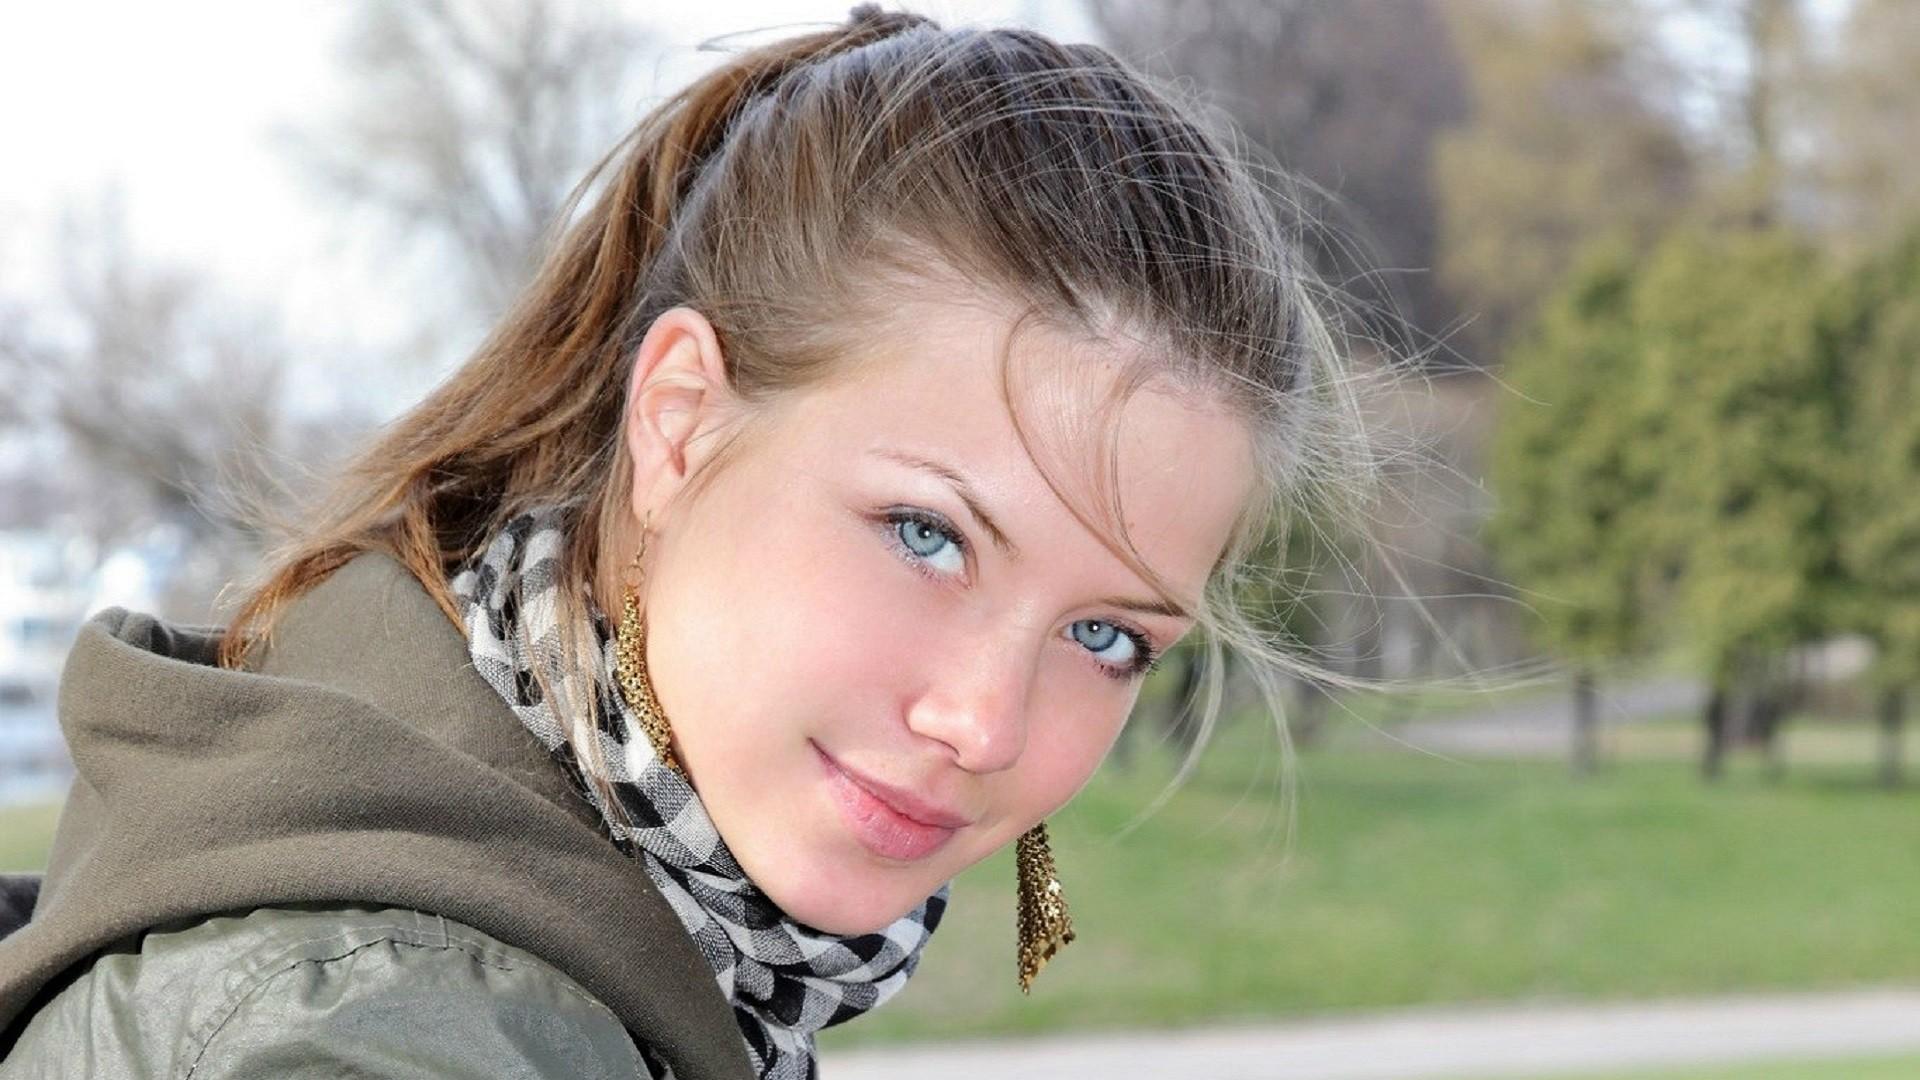 Русские молодые девчонки, смотреть свежее зрелое порно